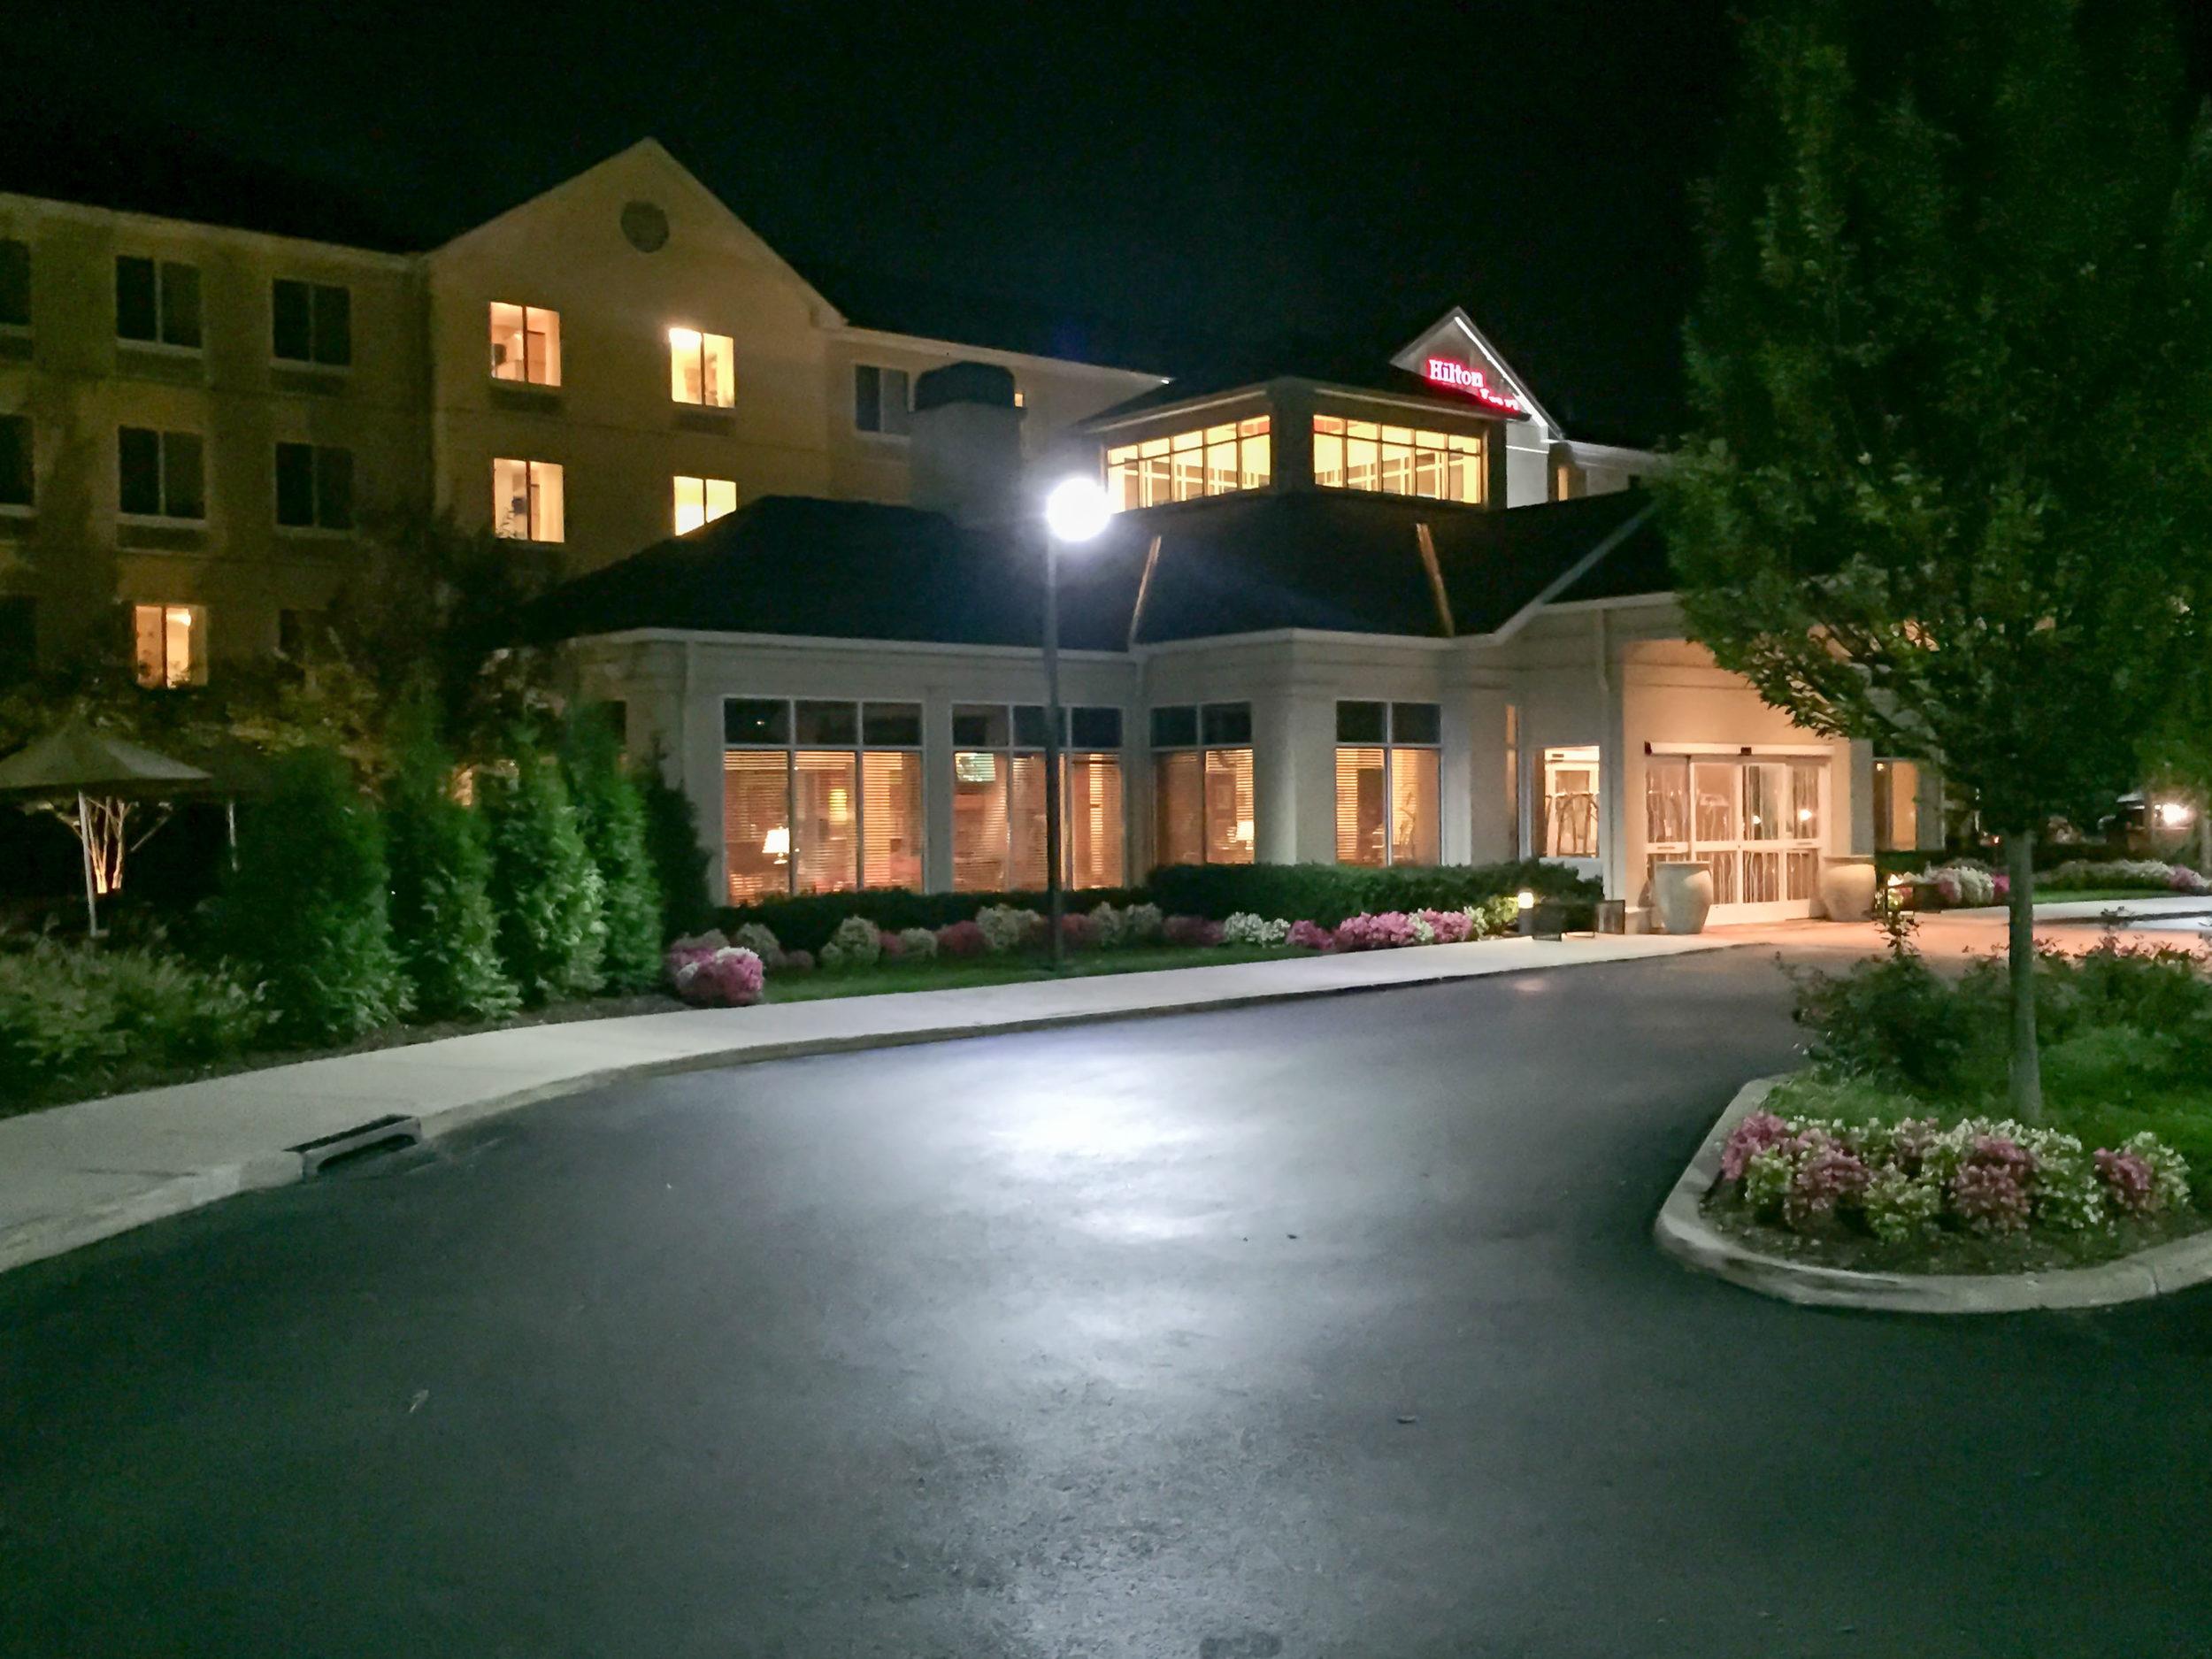 ComPower LED Retro fitting Hilton Garden Inn8.06.jpg